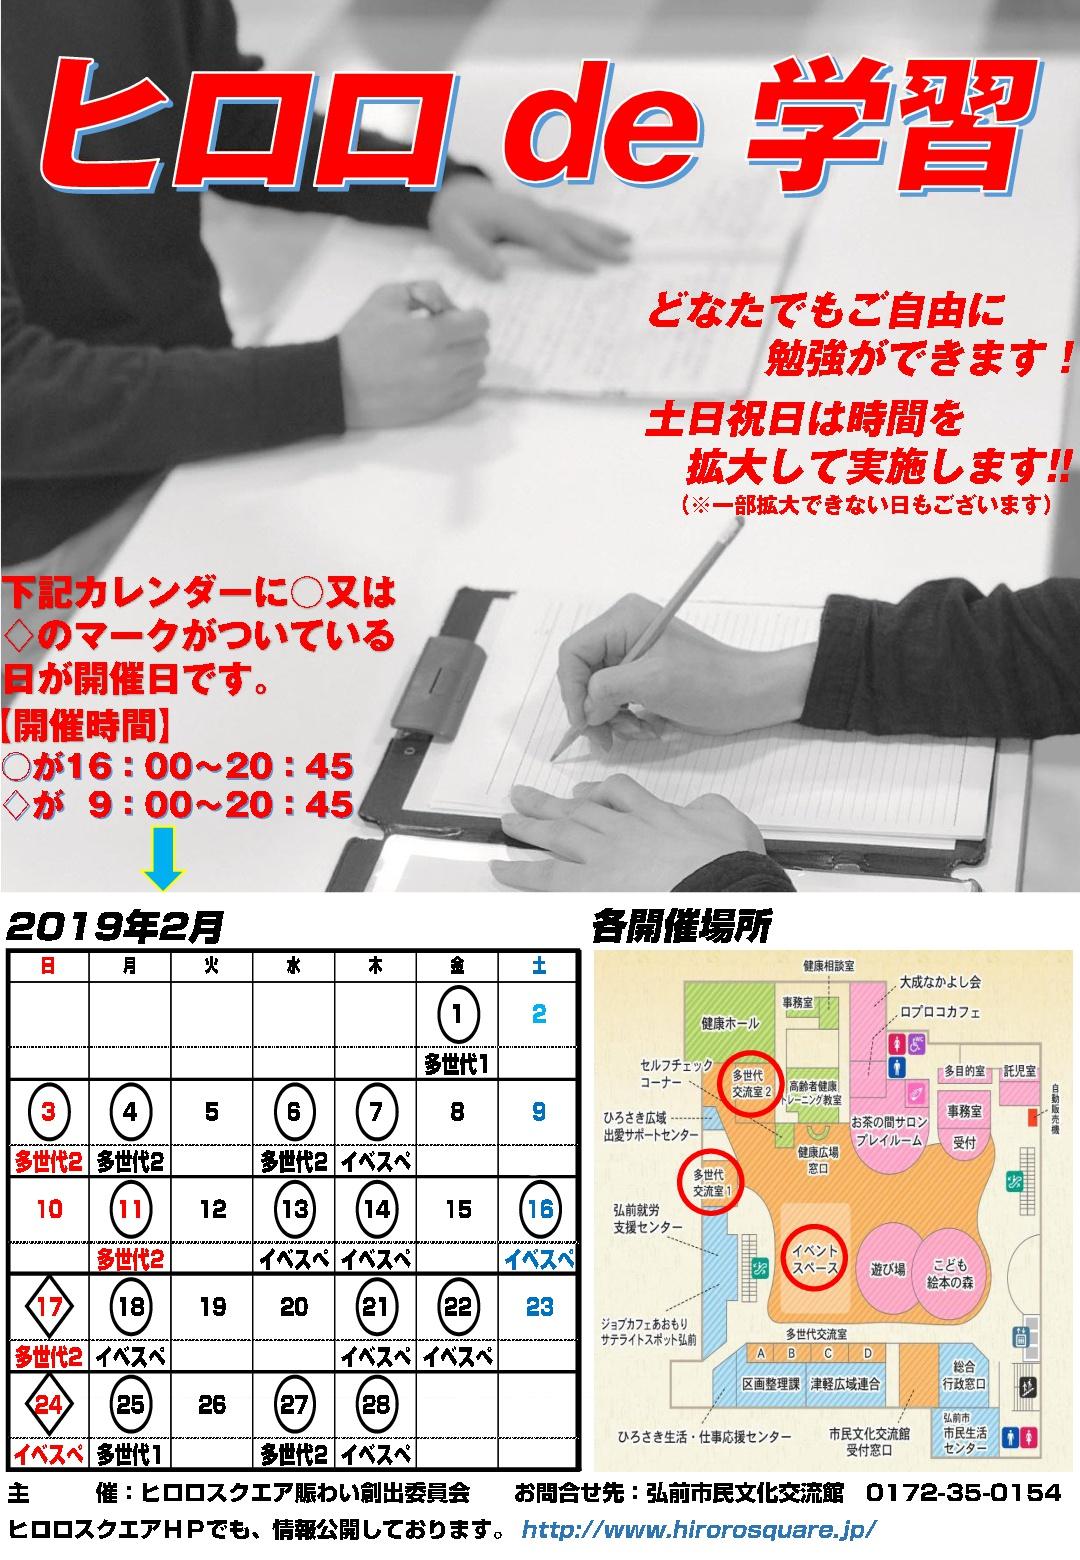 ヒロロde学習チラシ2月(カラー) .jpg